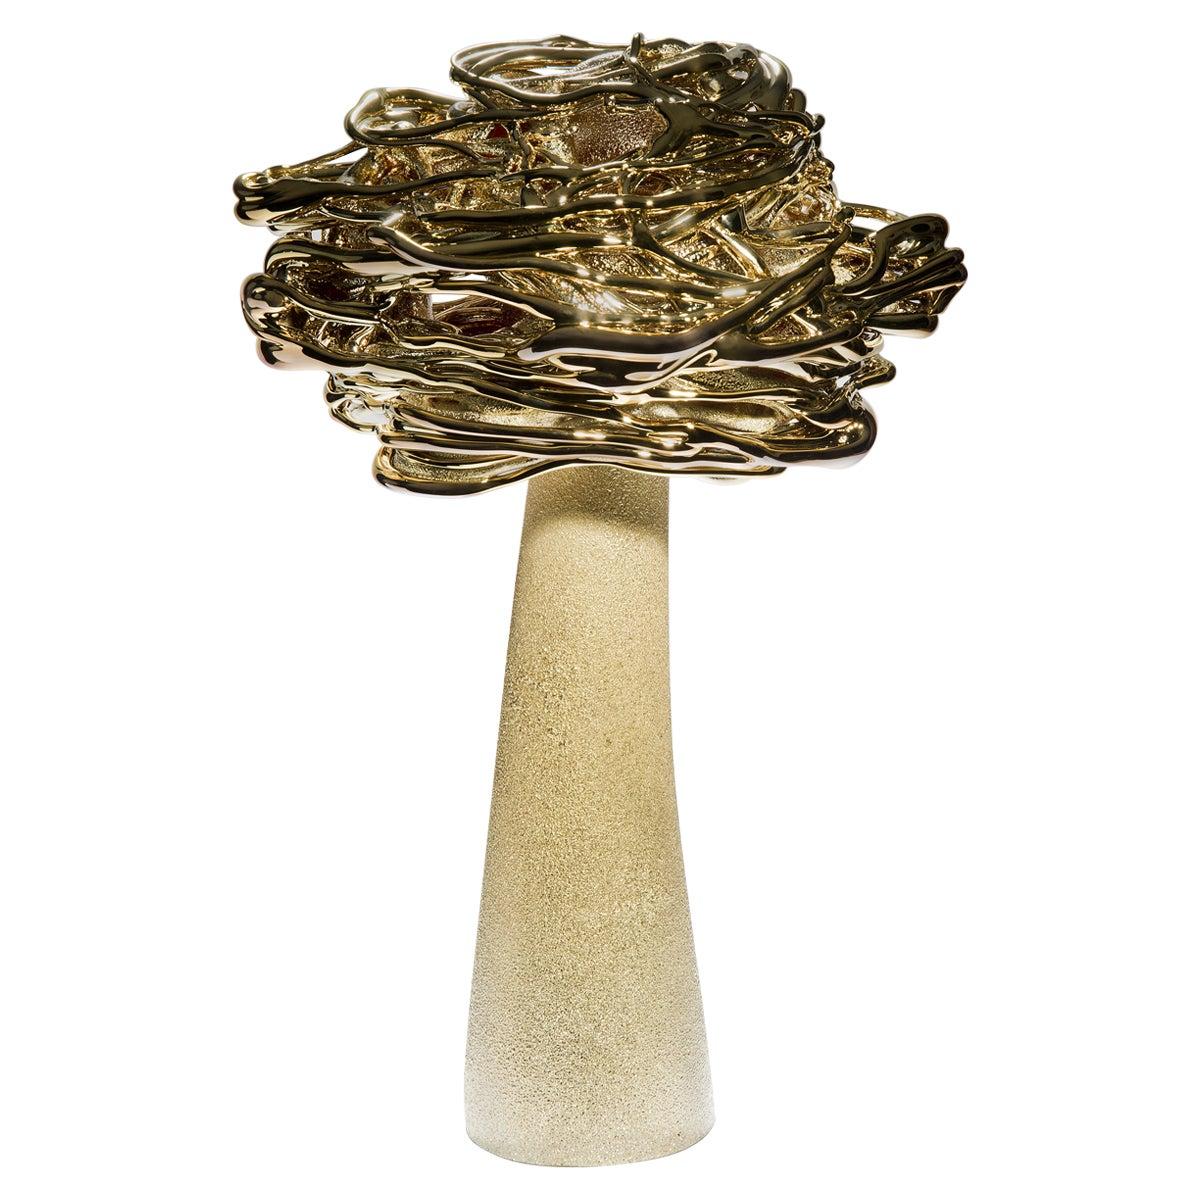 Desert Flower, a Unique Brass and Glass Sculpture by Remigijus Kriukas